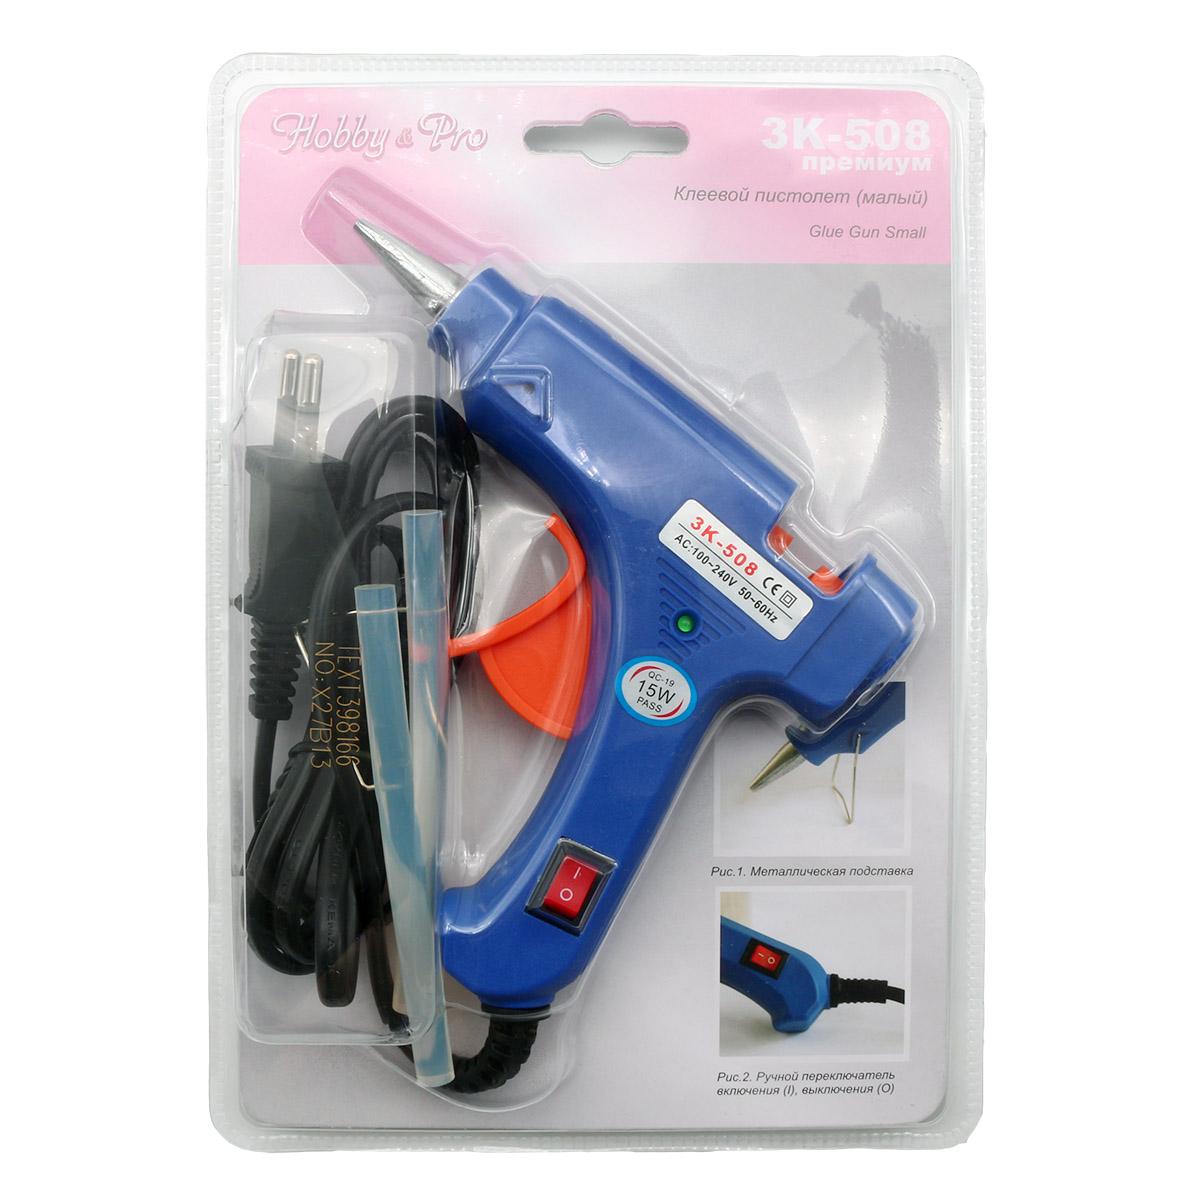 Клеевой пистолет малый с клеевыми стержнями в комплекте, Hobby&Pro